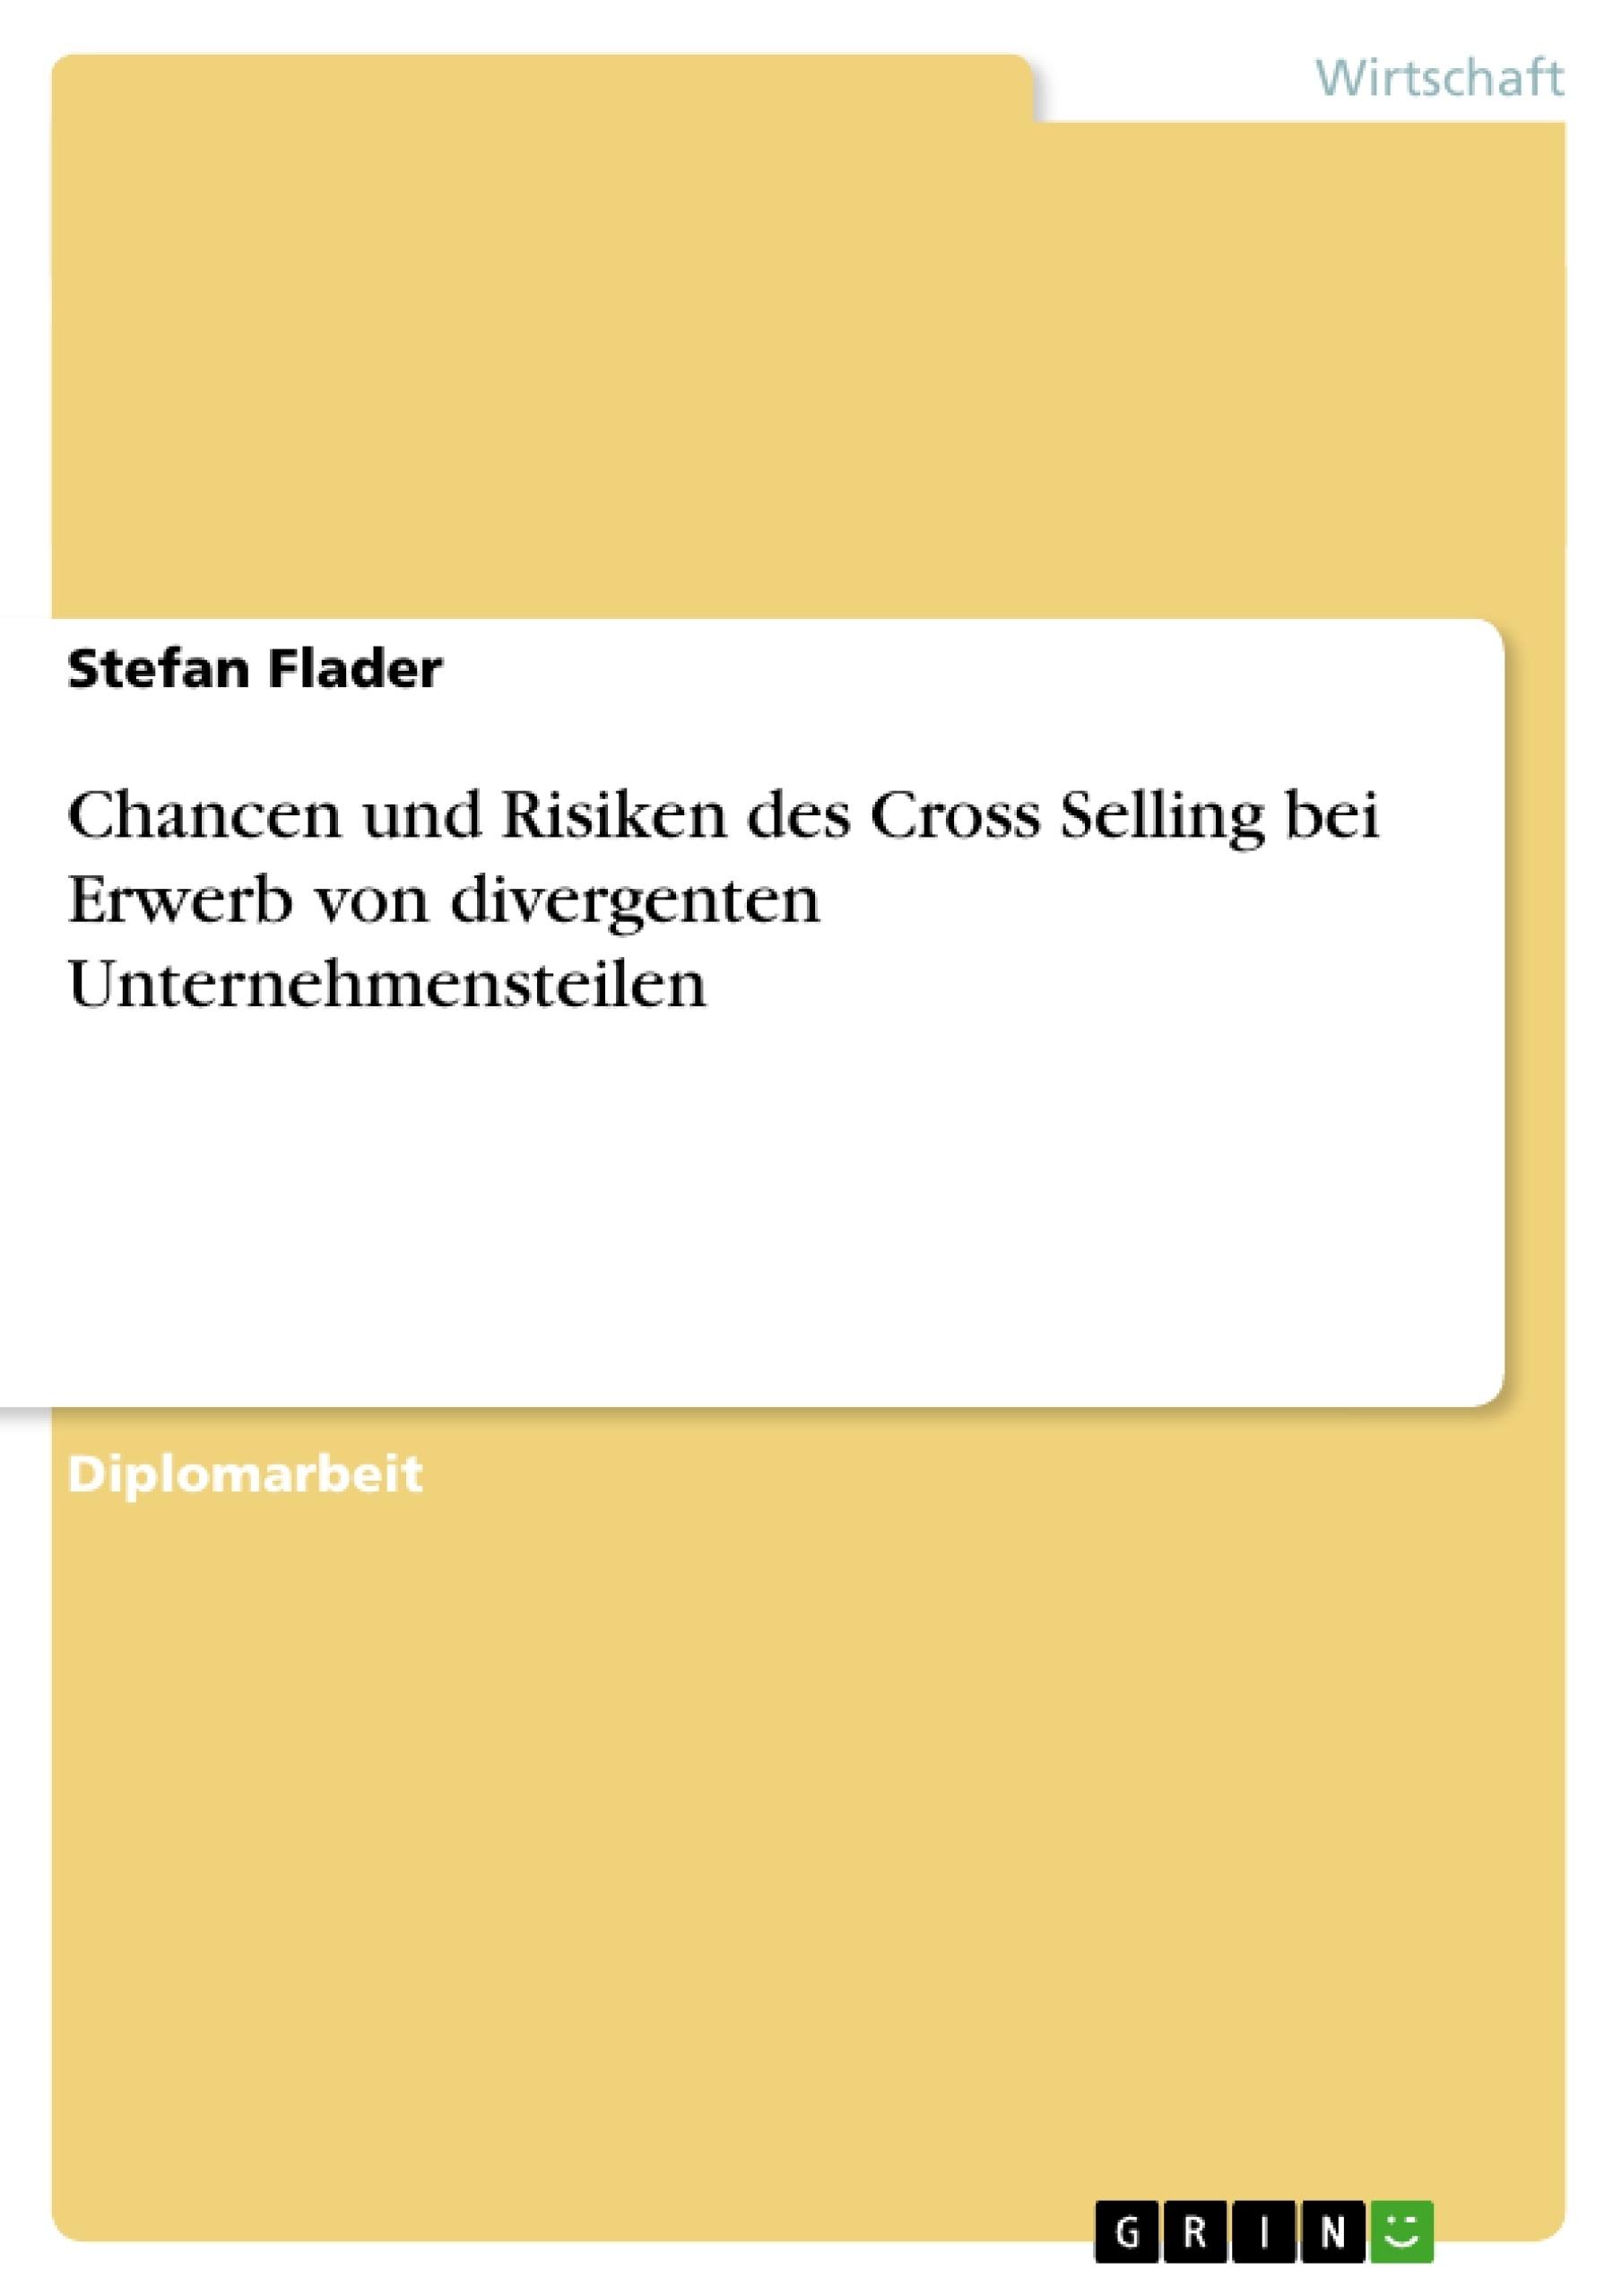 Titel: Chancen und Risiken des Cross Selling bei Erwerb von divergenten Unternehmensteilen